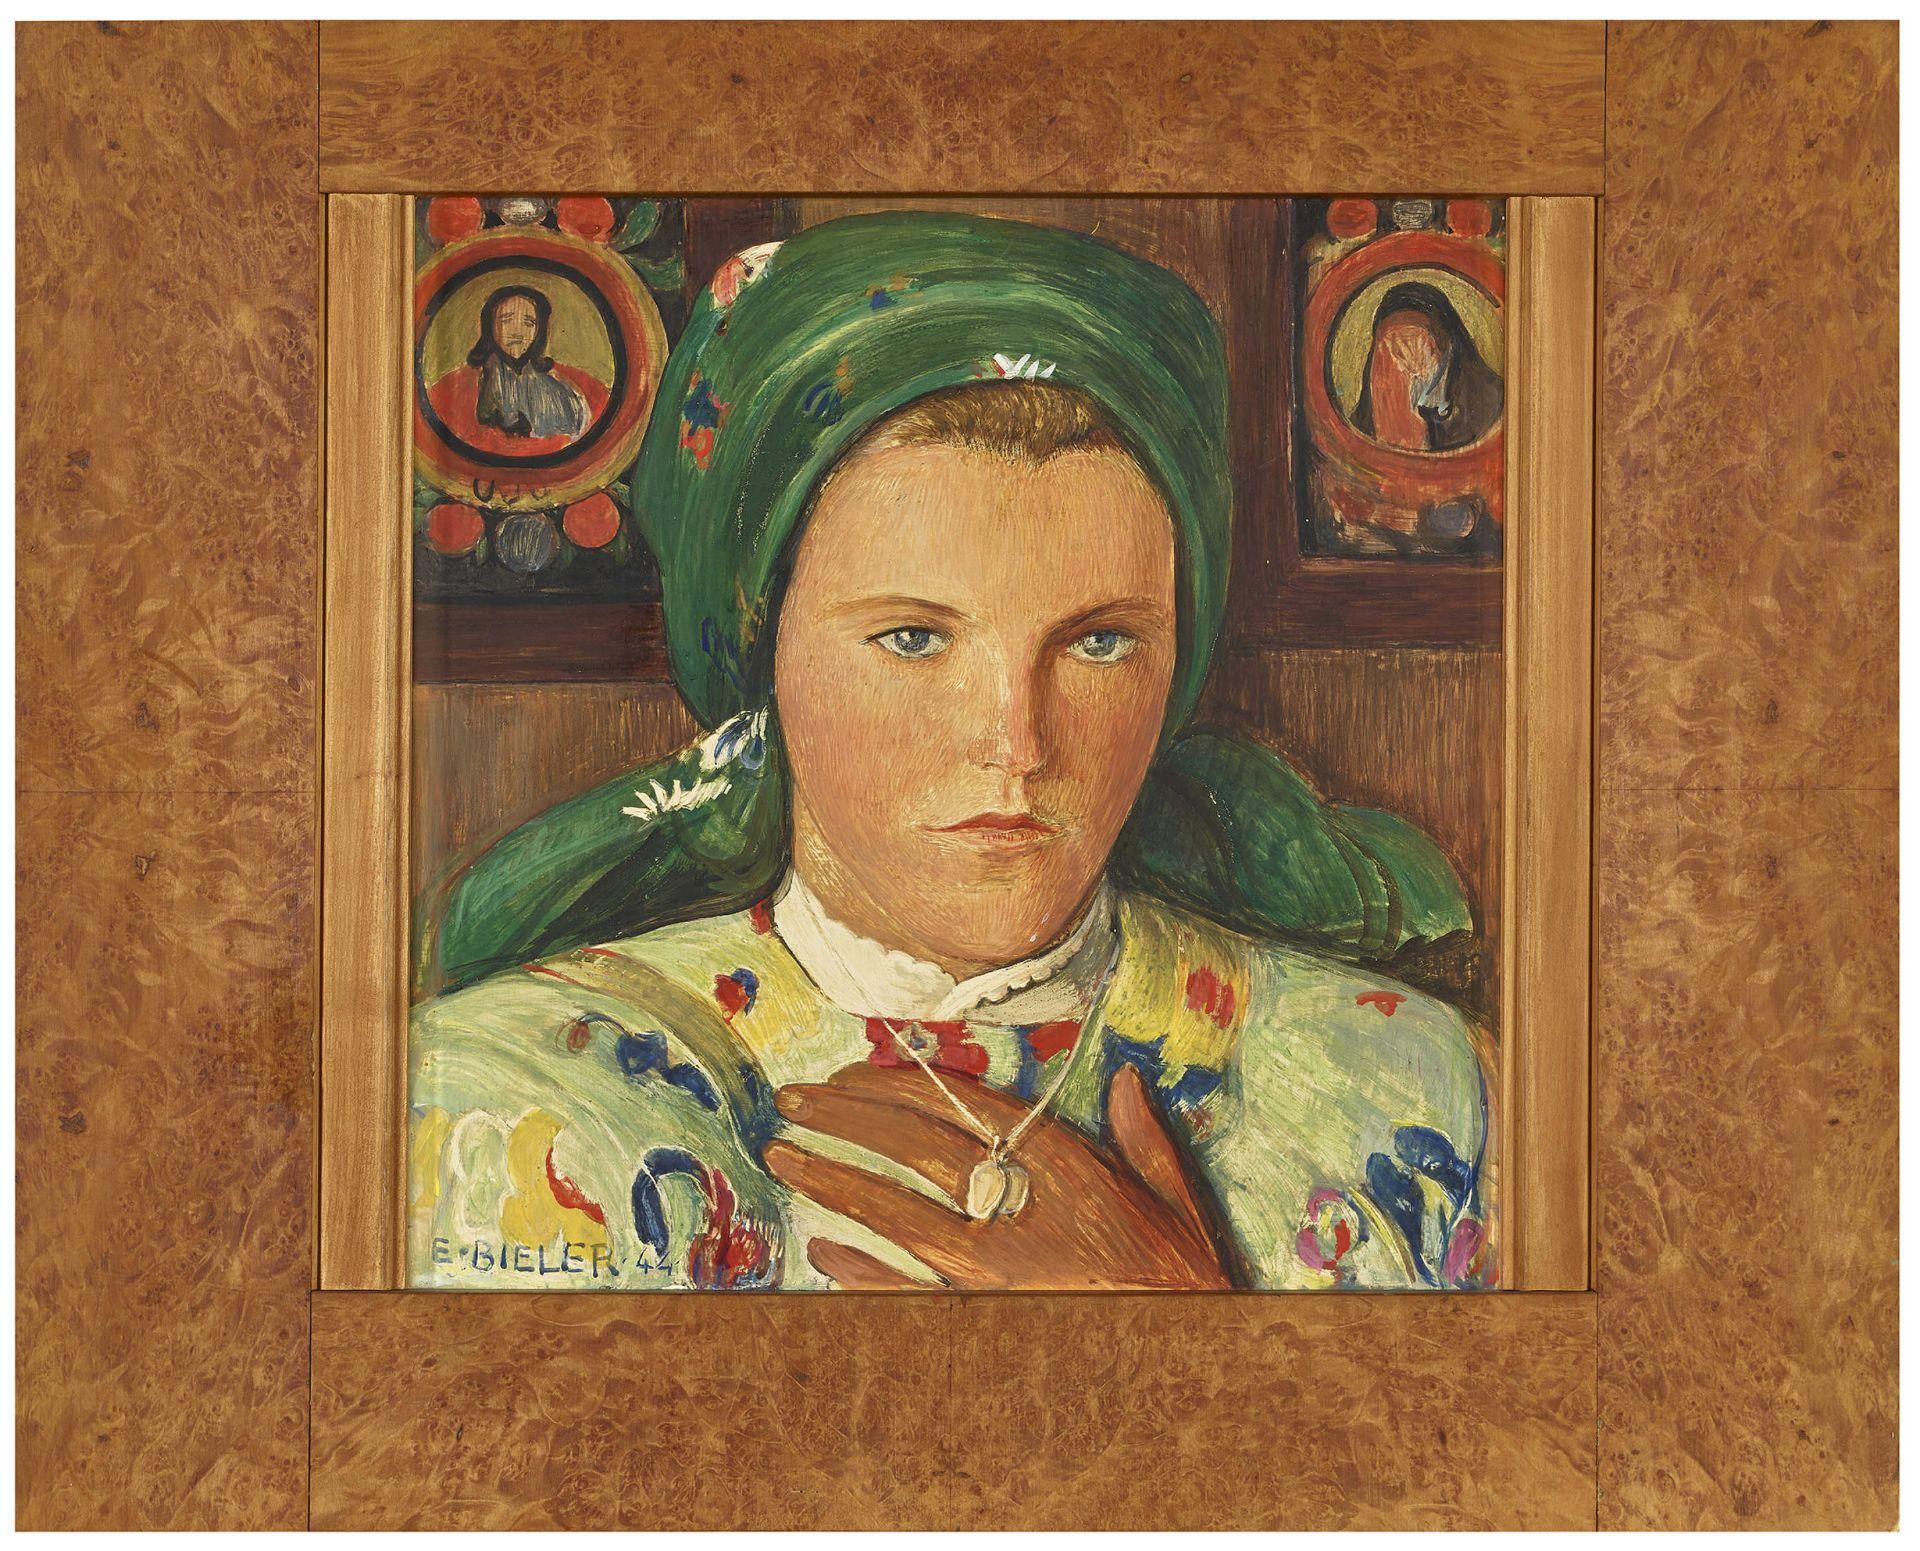 BIÉLER, ERNEST: Portrait de jeune valaisanne au foulard et au collier. - Image 2 of 4